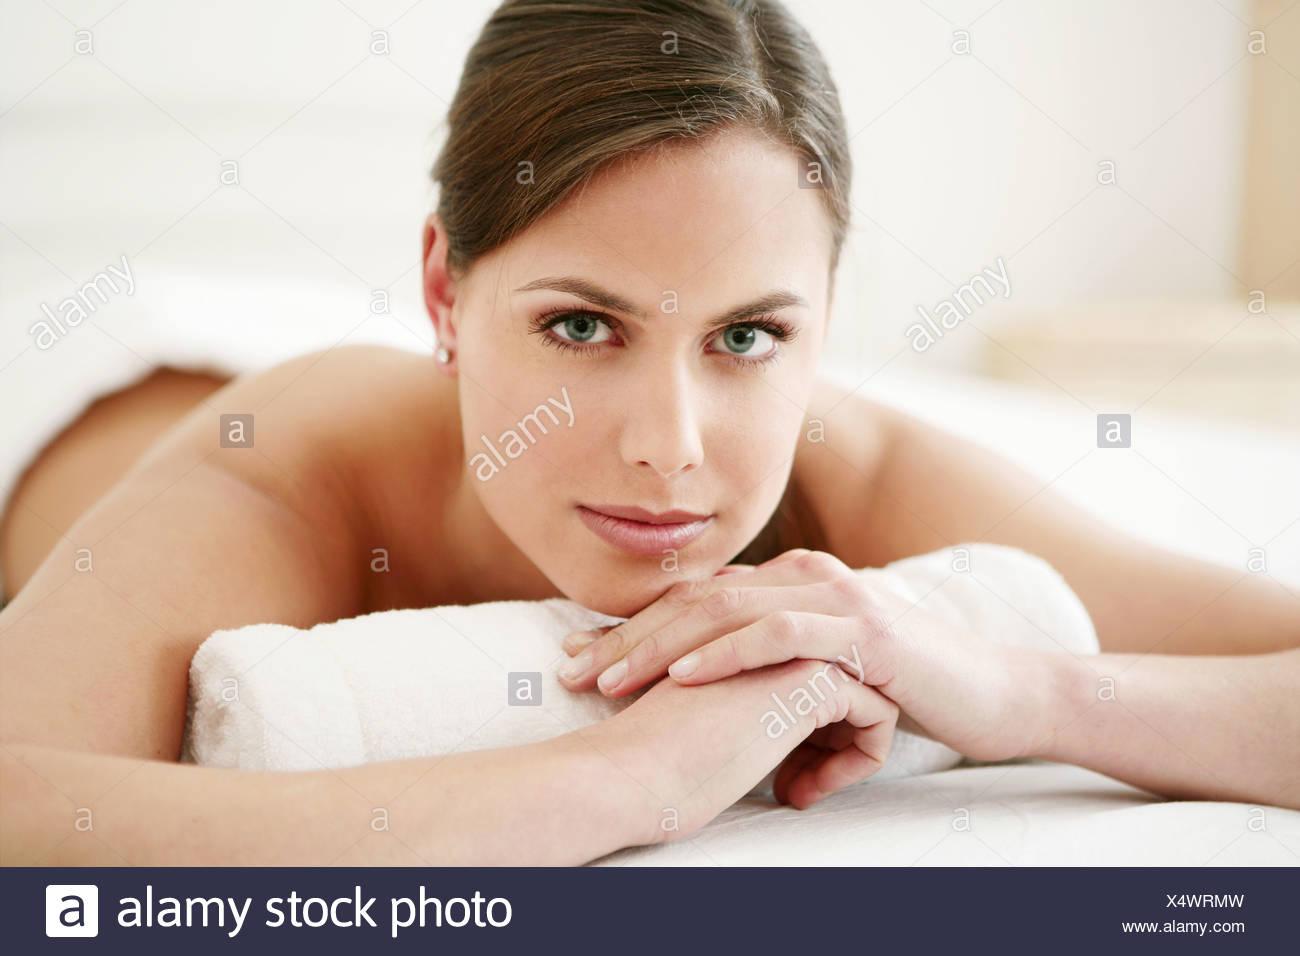 Giovane donna, giacente, tenero, delicato, letto, spa, modello adulto, caucasico femmina, salute, bellezza e cura, 20-25 anni, 18-19 anni, Immagini Stock